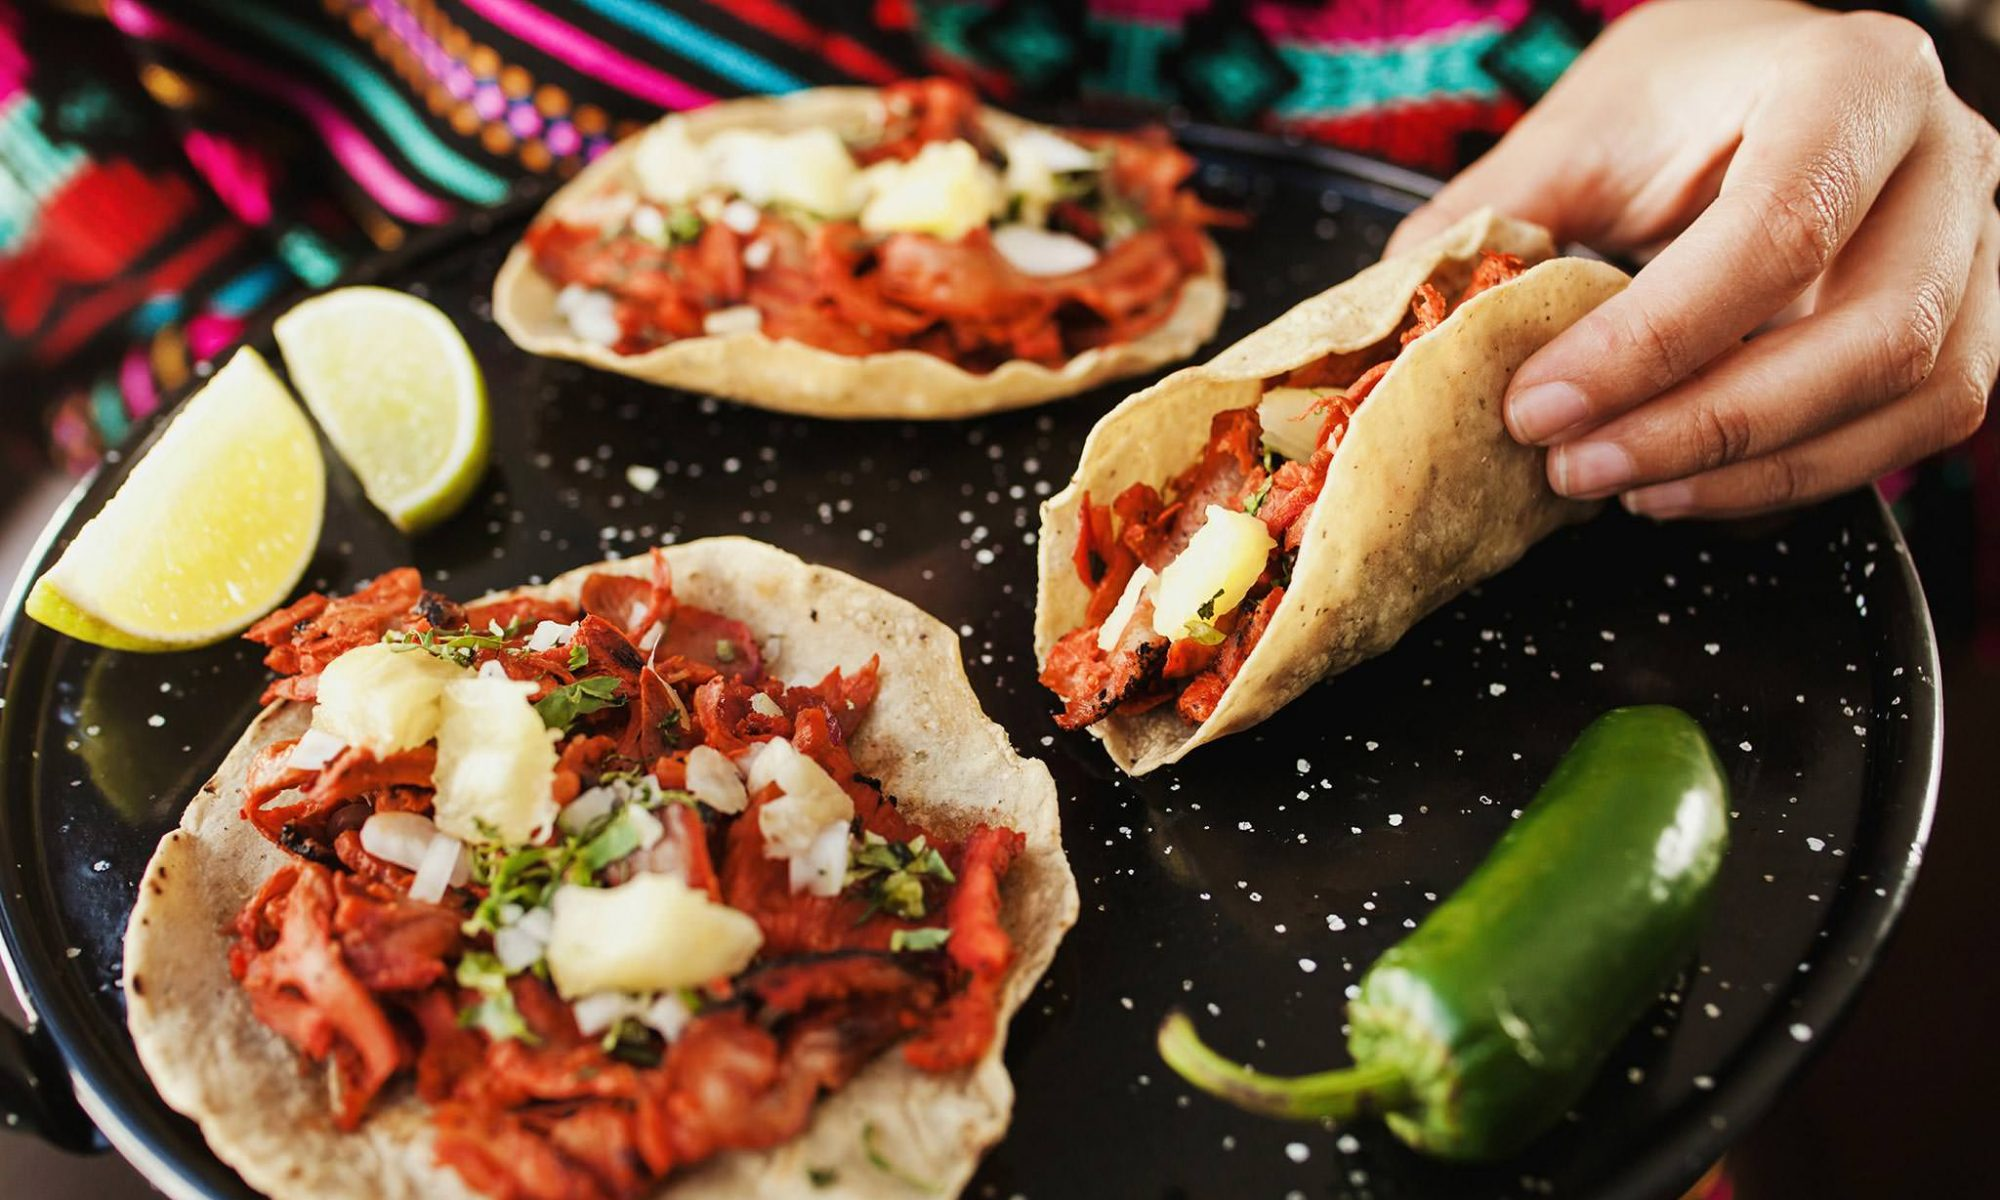 Fotógrafo de Gastronomía en Puebla